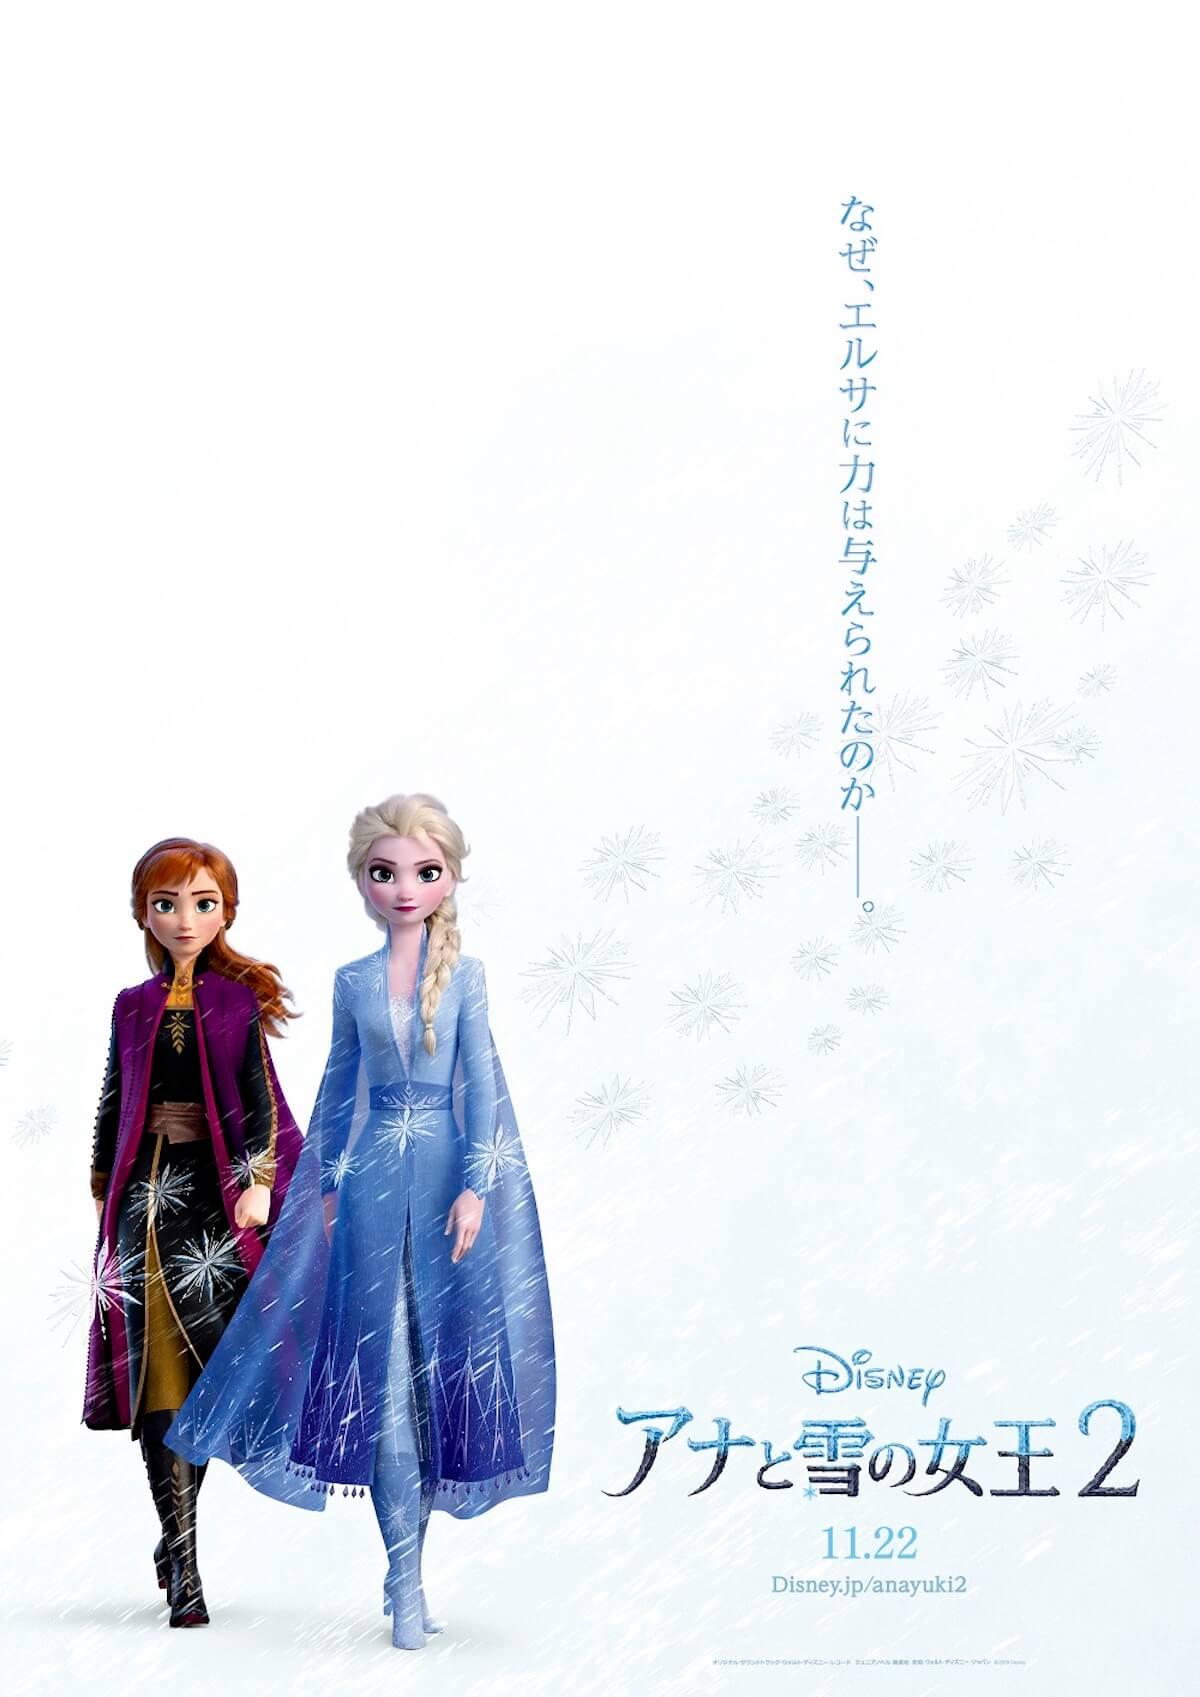 世界に先駆け解禁!『アナと雪の女王2』日本限定ビジュアルポスター公開 film190604frozen2_info